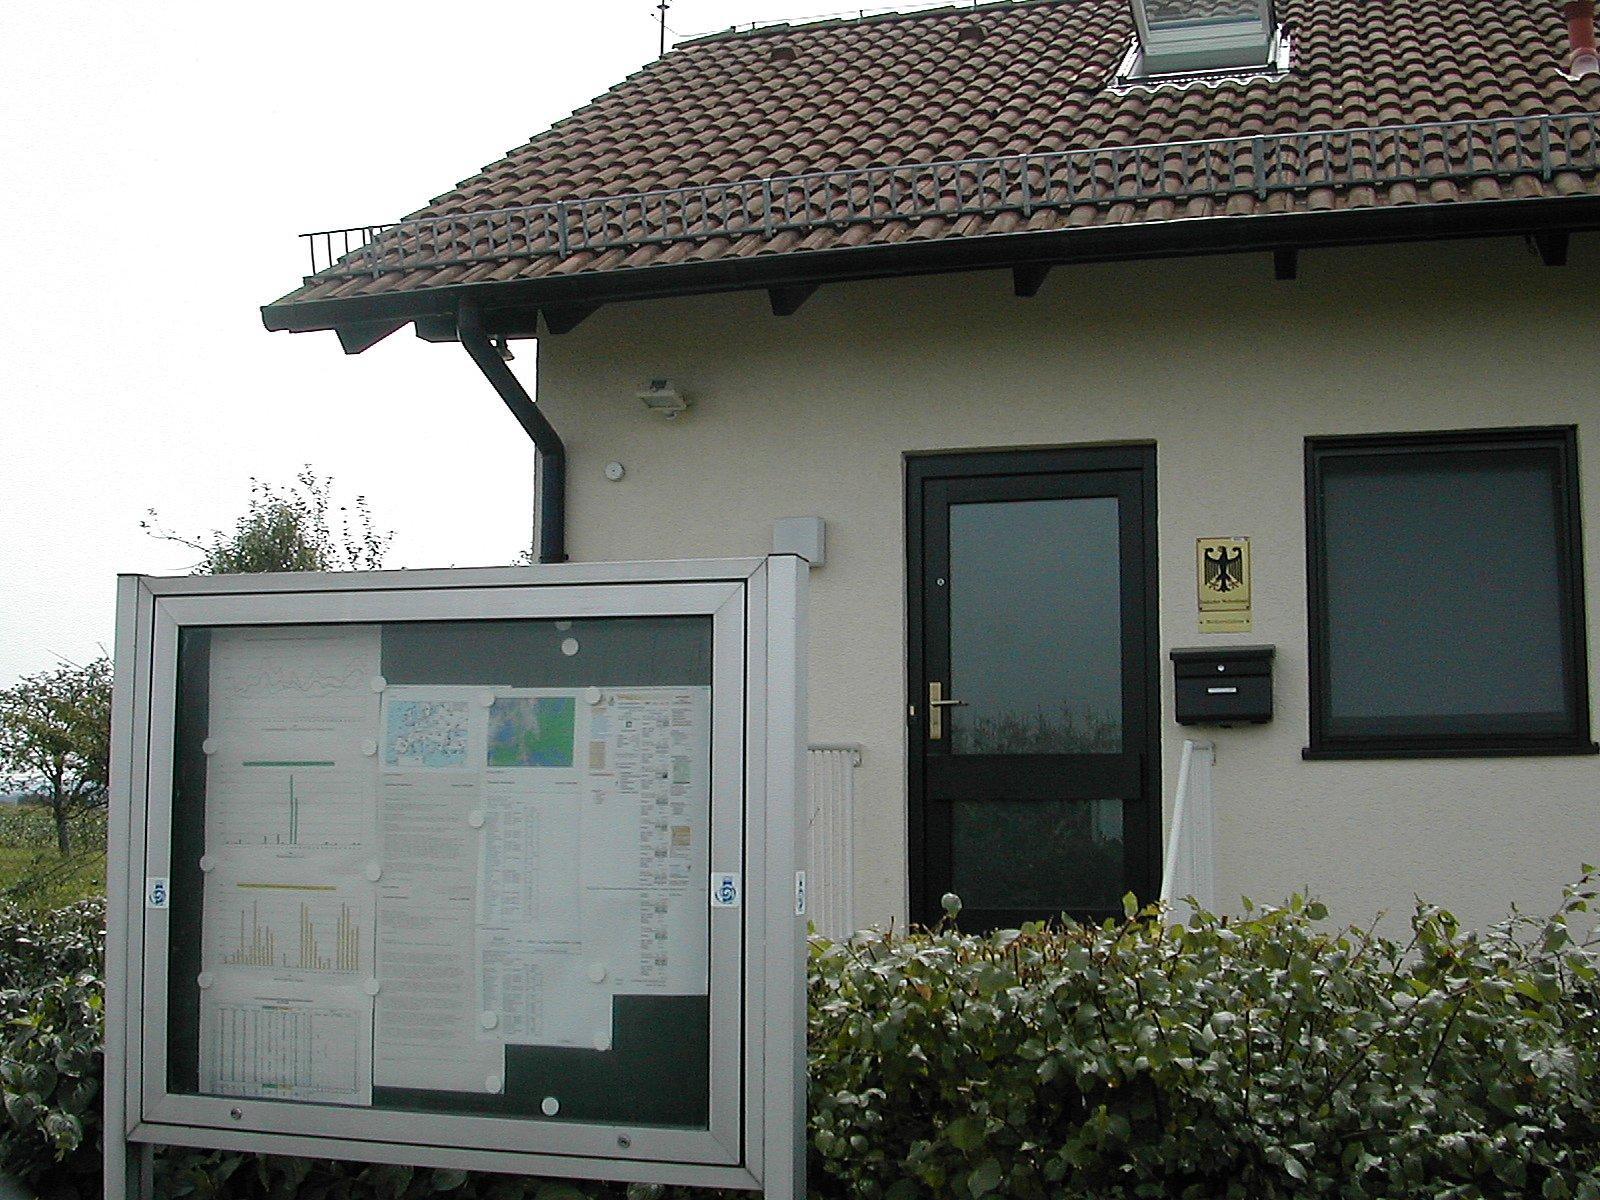 http://www.schoemberg-wetter.de/Fotos/wx/Vielbrunn%205.JPG